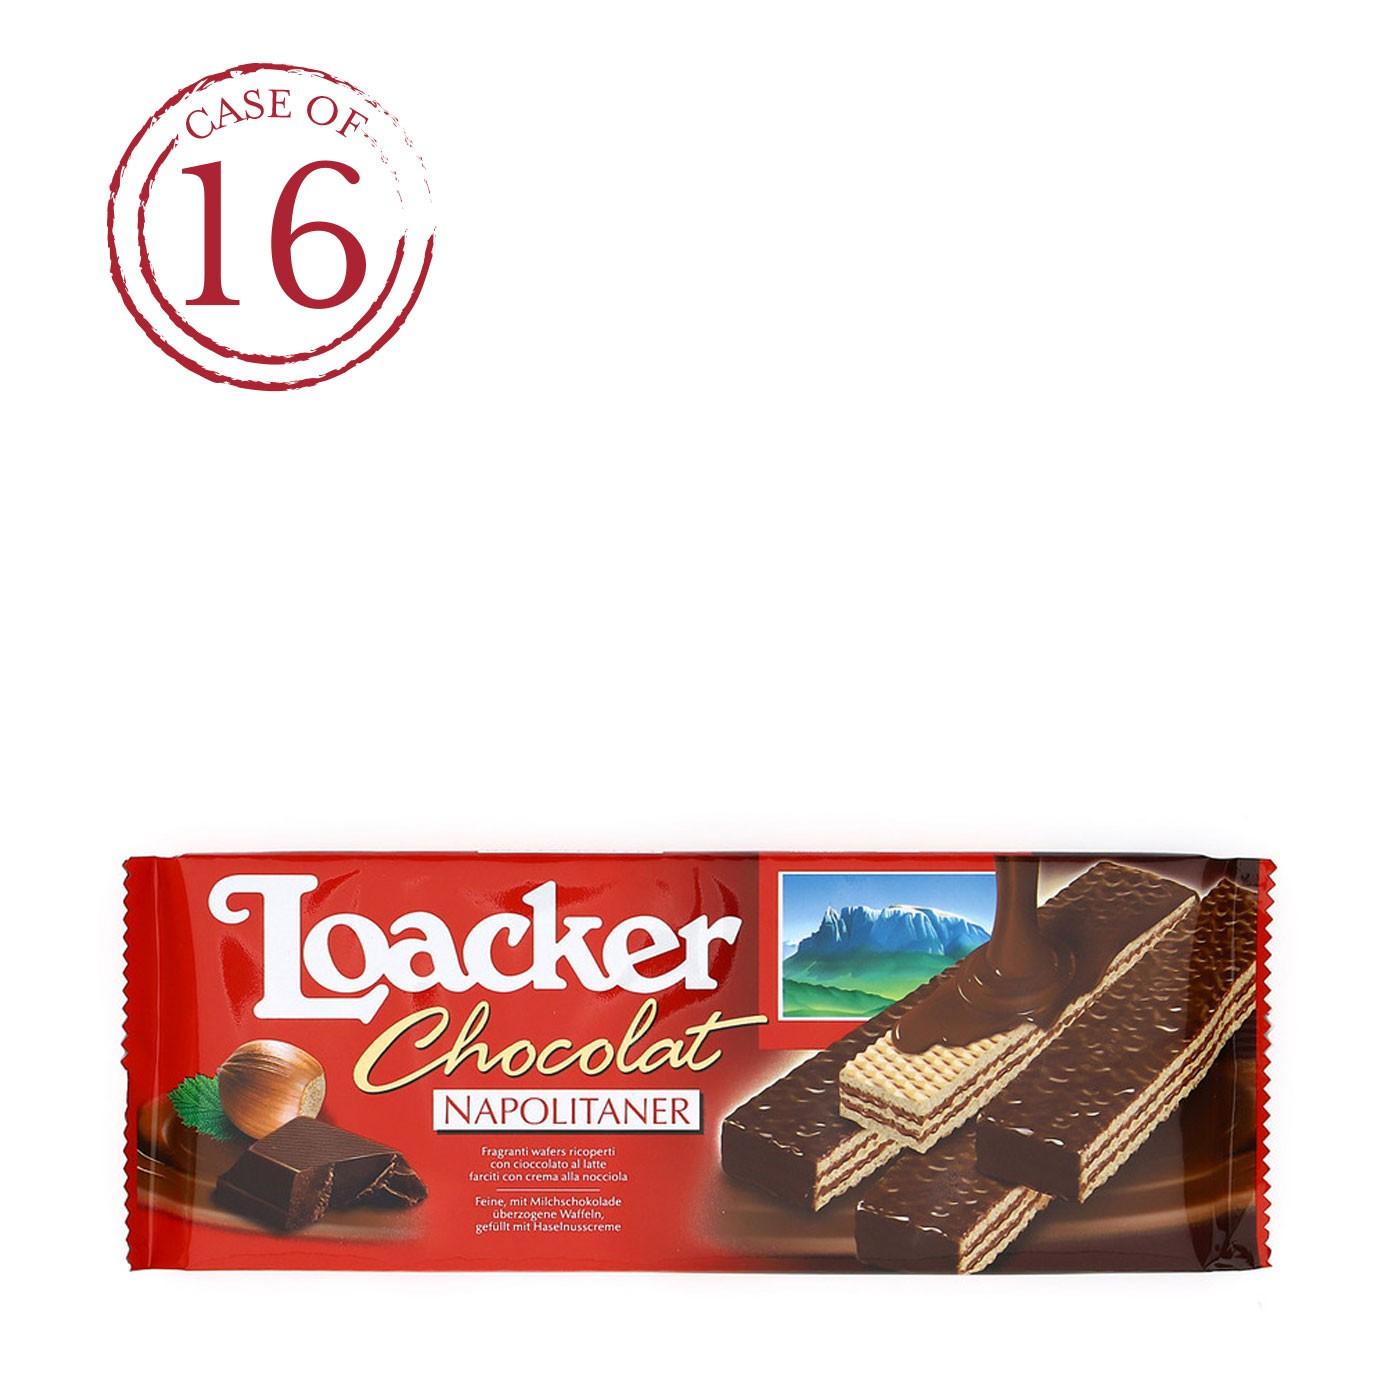 Chocolate Hazelnut Wafers 4.2 oz - Case of 16